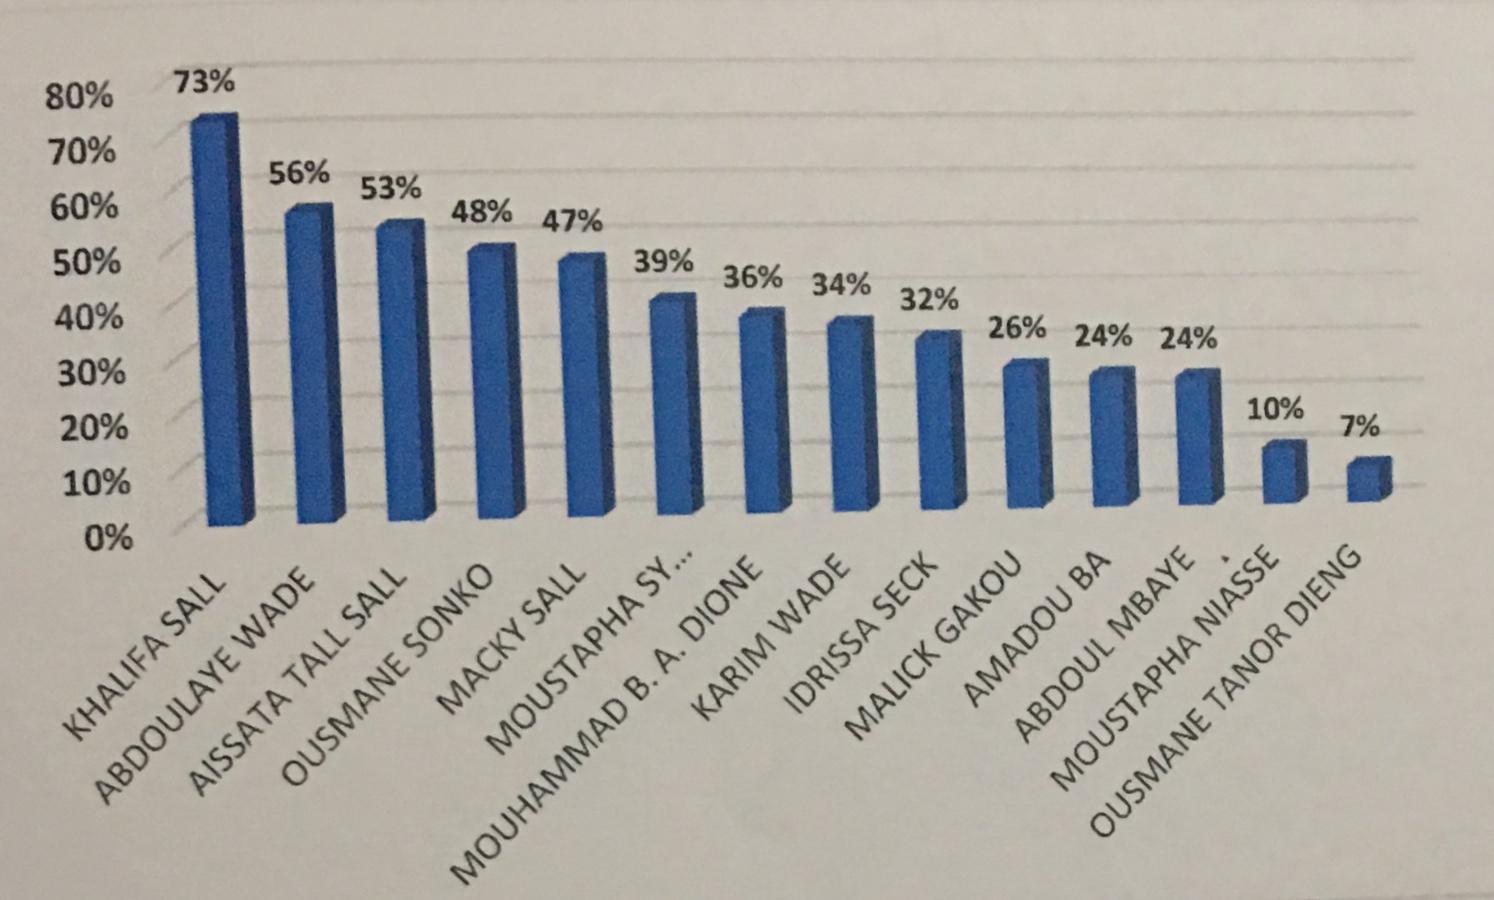 Présidentielle à Dakar / Ce que disent les sondages : Macky et Khalifa favoris, Karim, Idy et Sonko outsiders (StatInfo et Dakaractu)